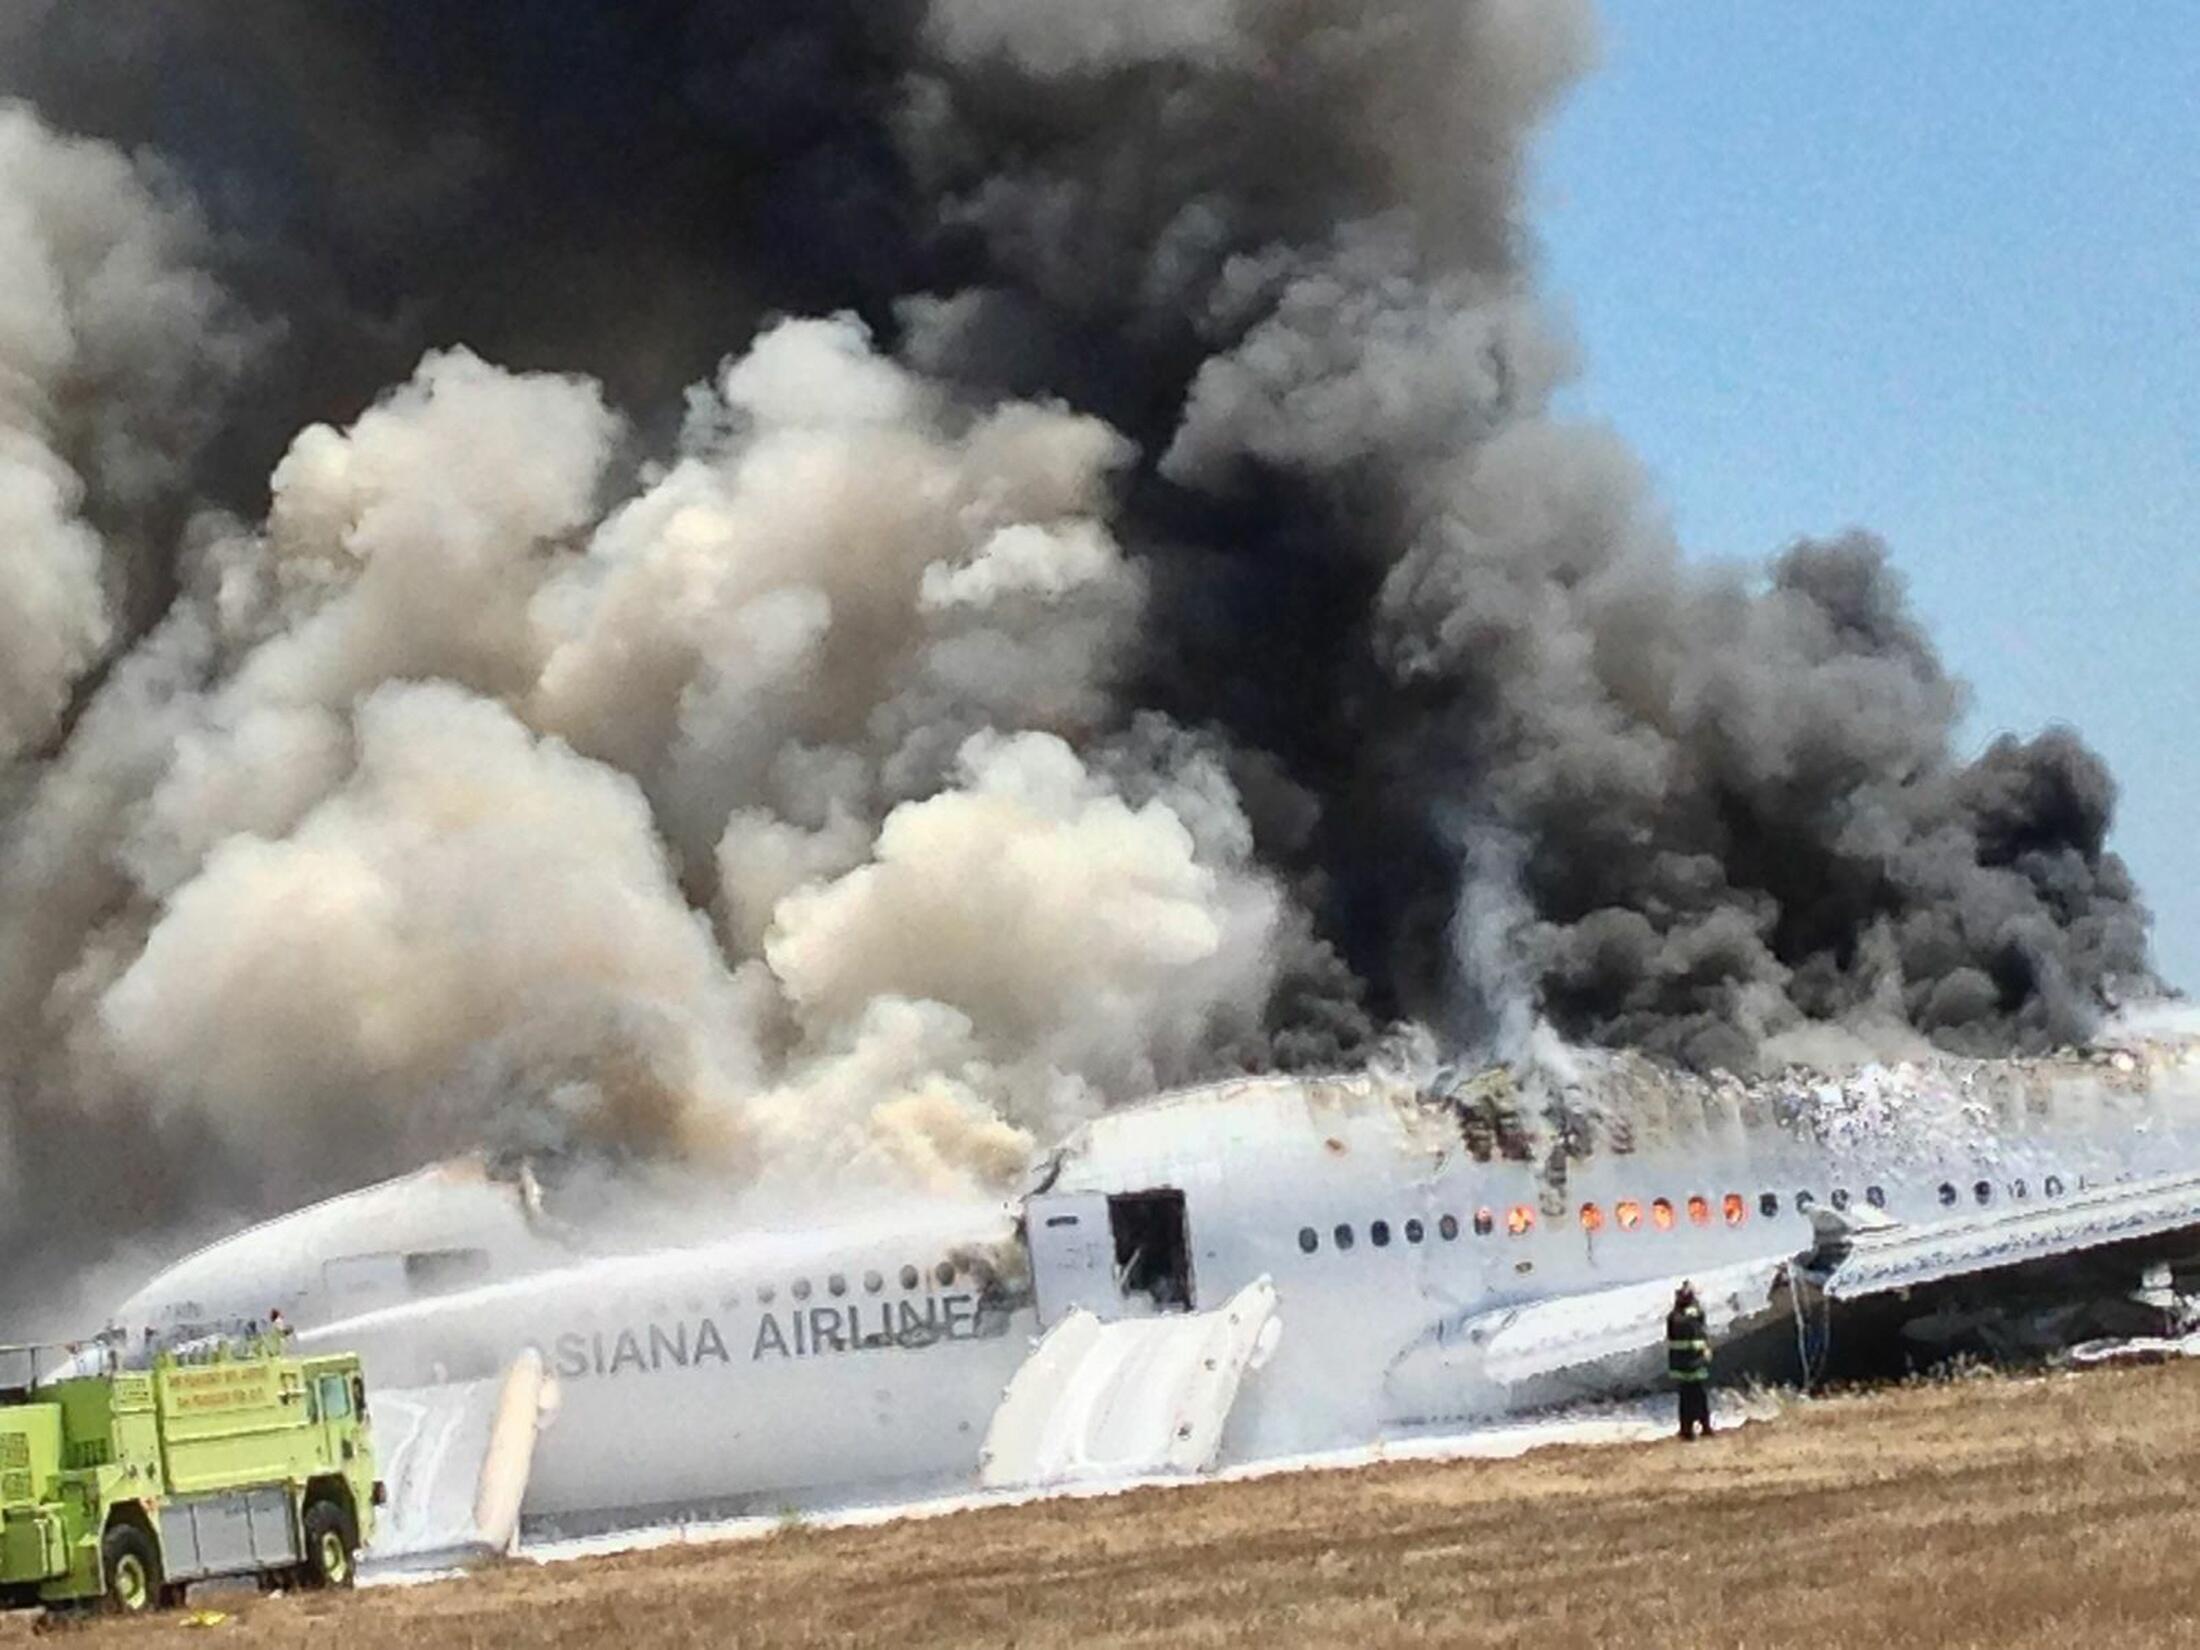 Le crash du Boeing 777 d'Asiana Airlines le 6 juillet 2013 à San Francisco.